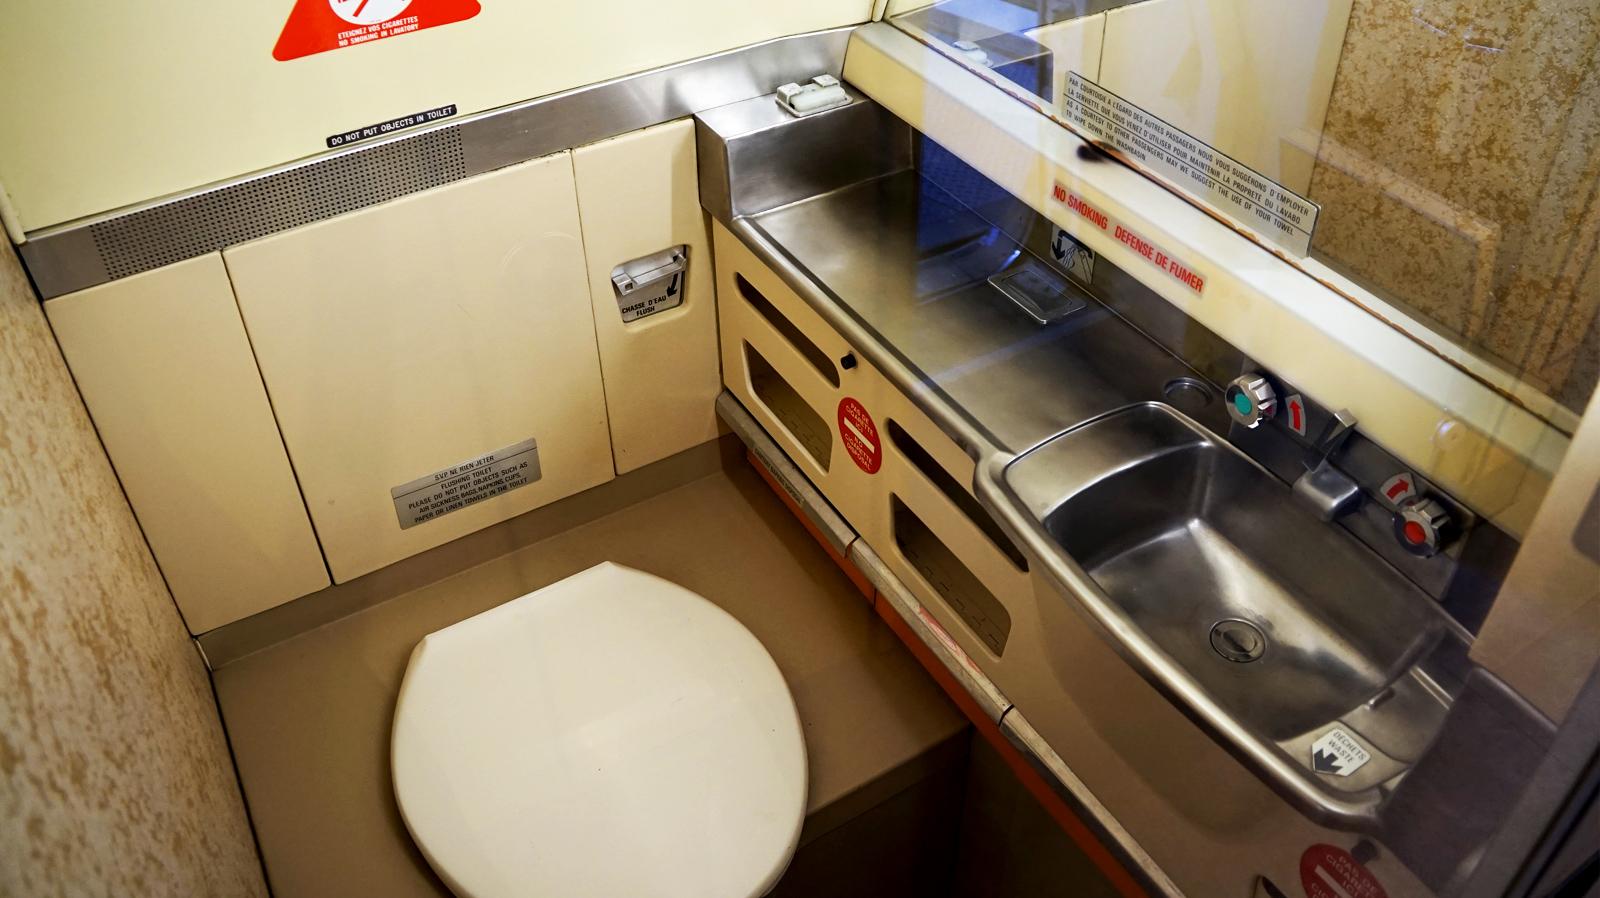 Concirde 002:n WC